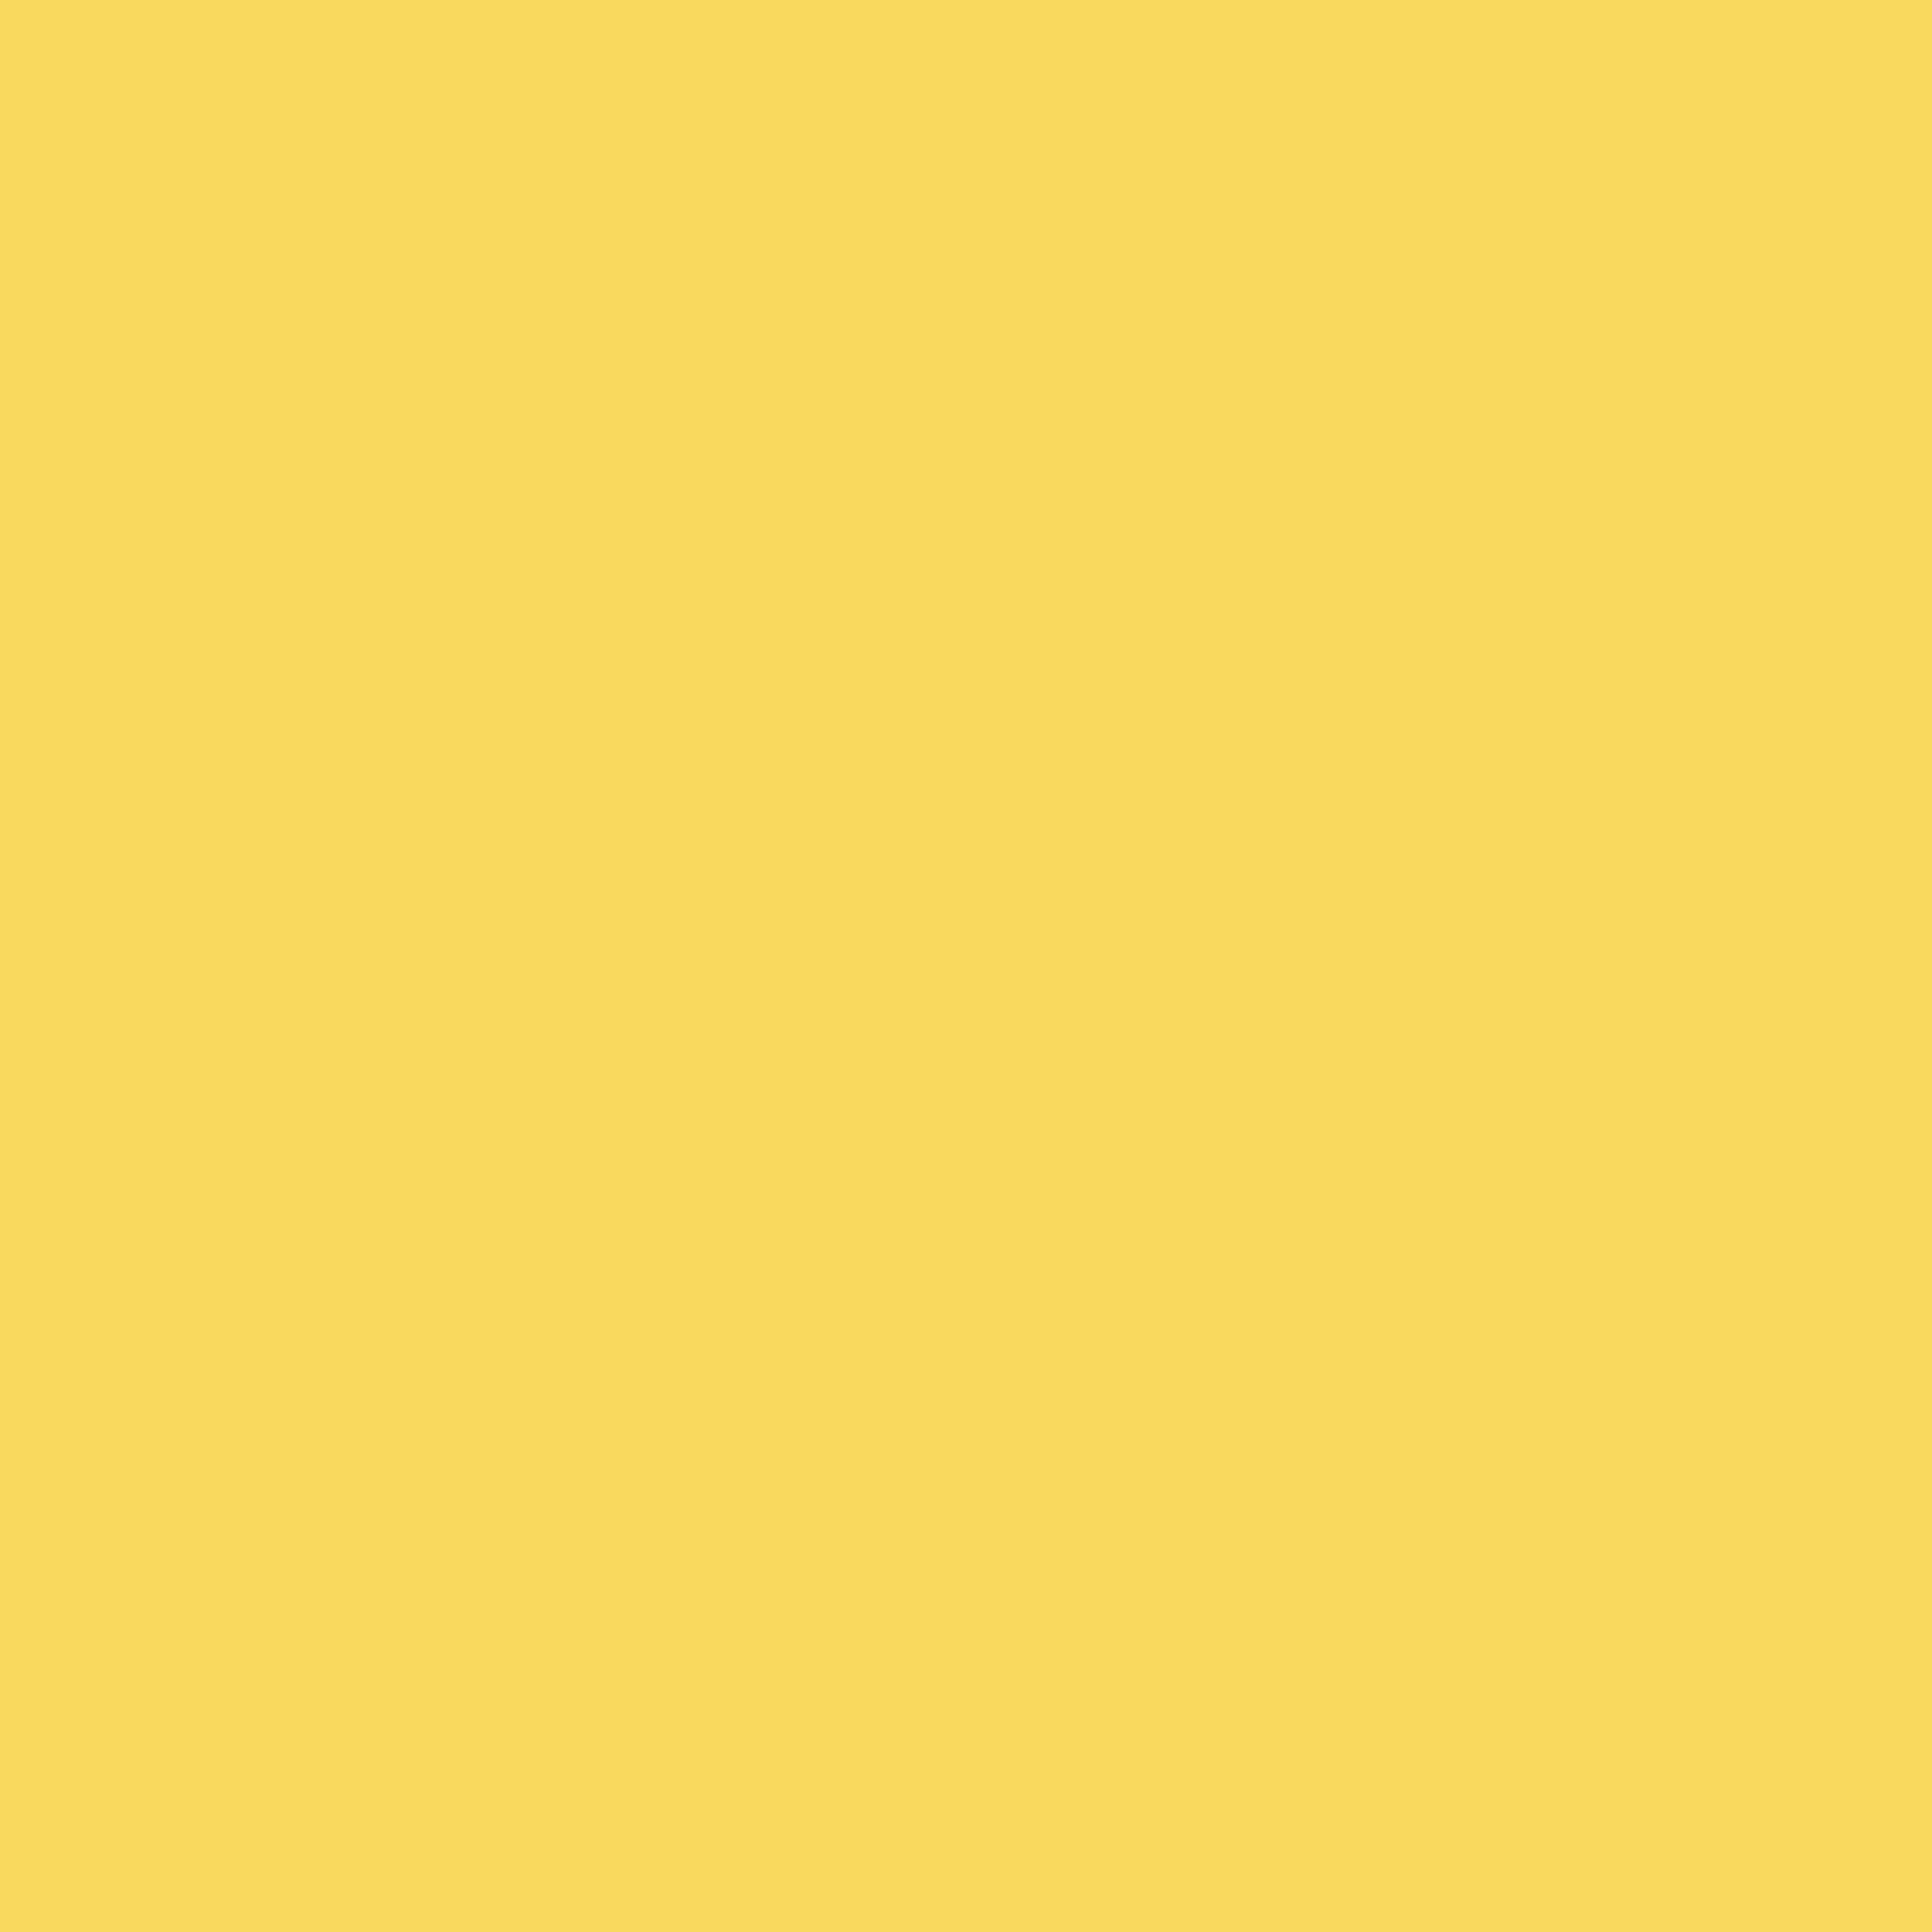 2048x2048 Stil De Grain Yellow Solid Color Background